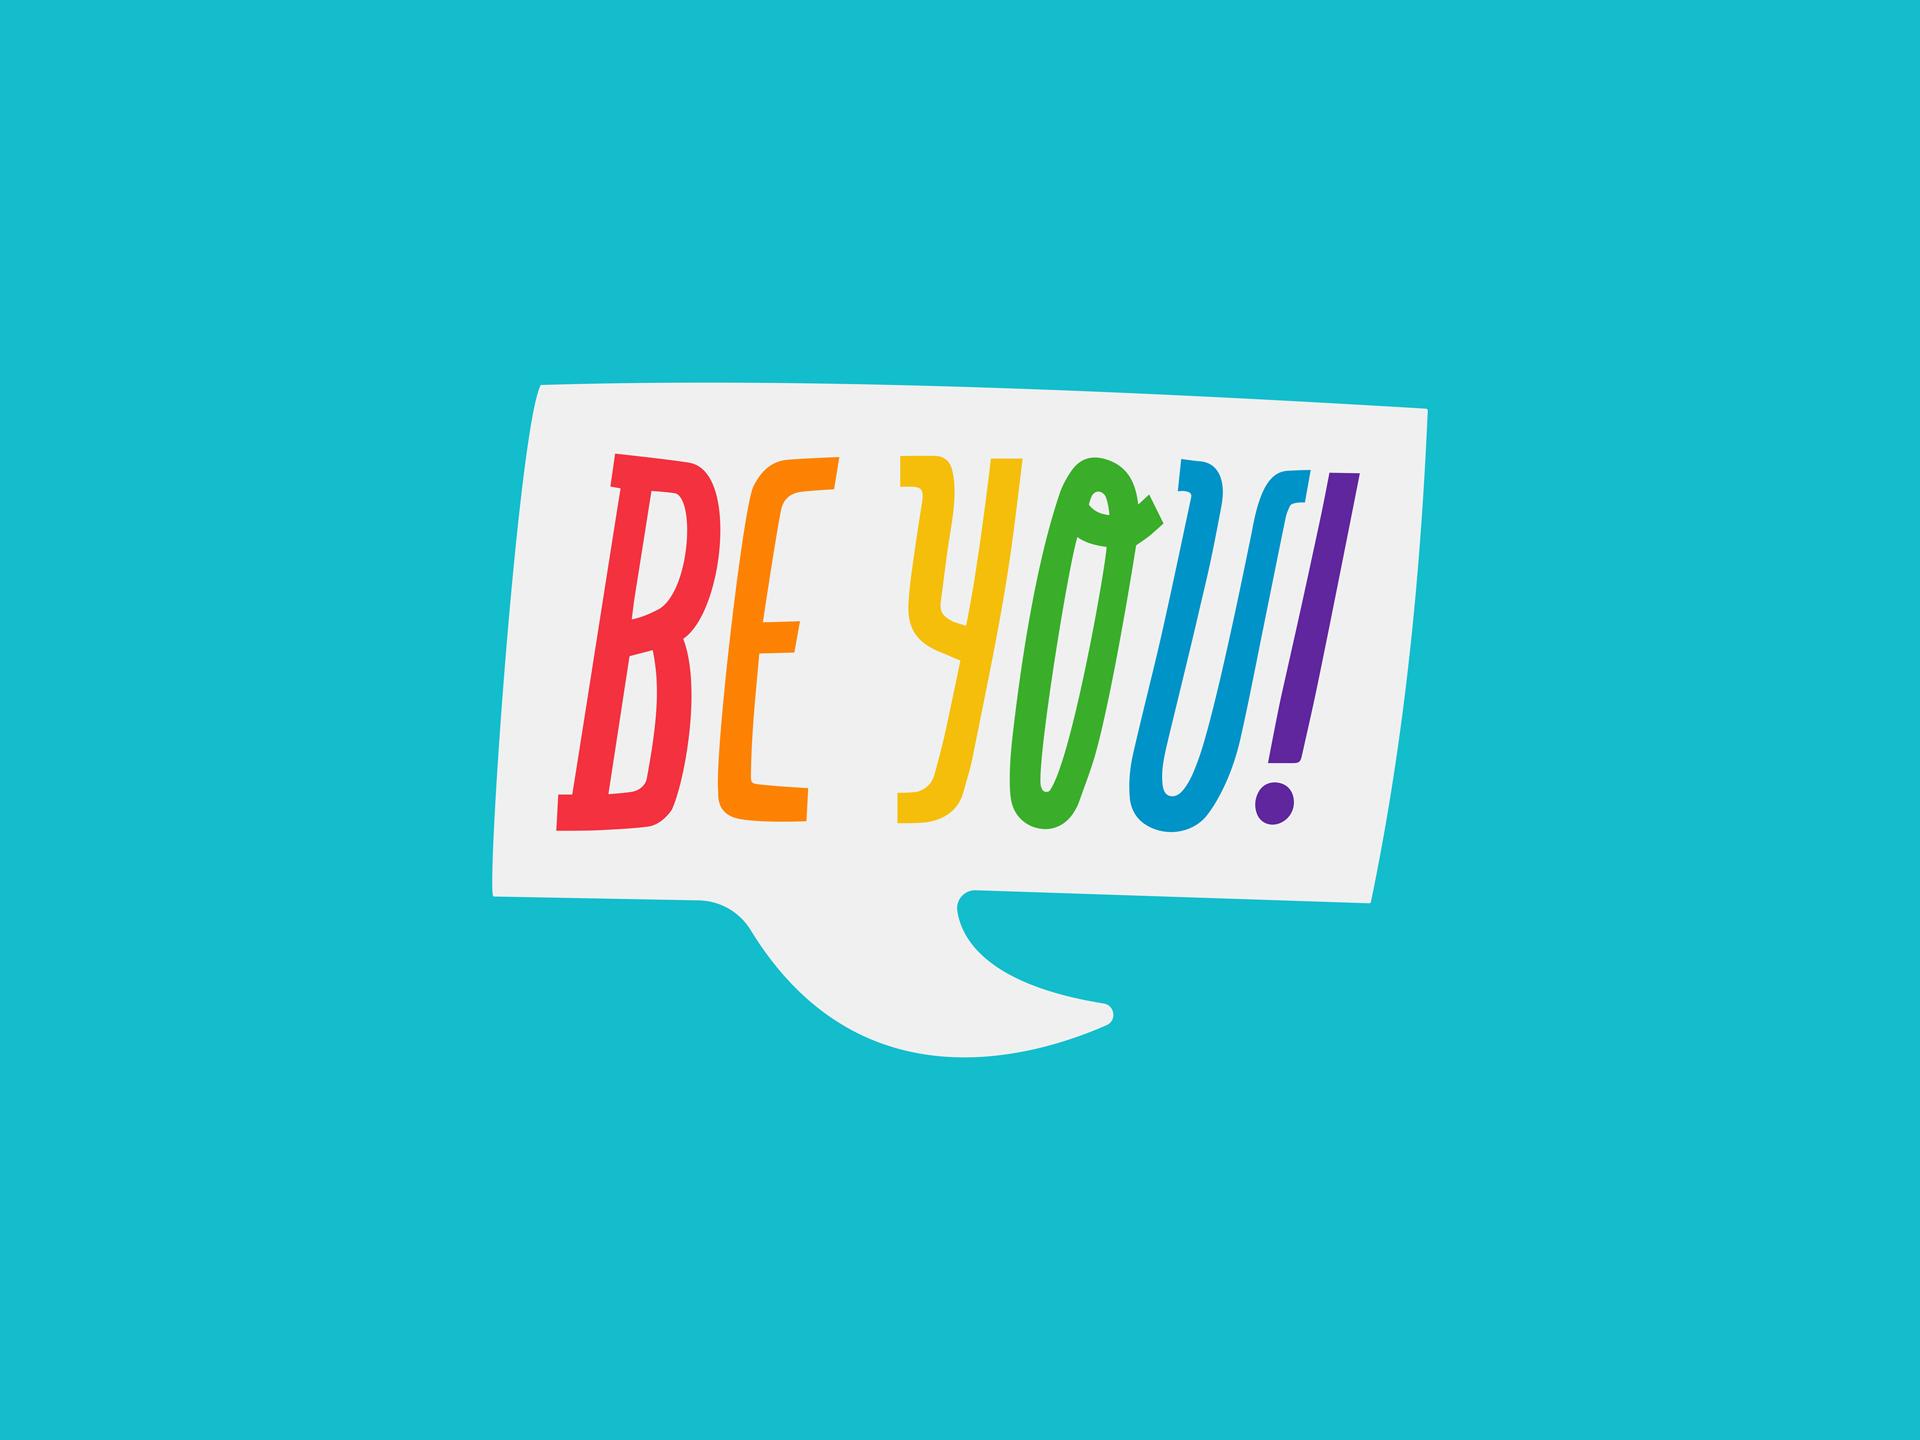 Be-You-Facebook-Sticker-Carra-Sykes.jpg